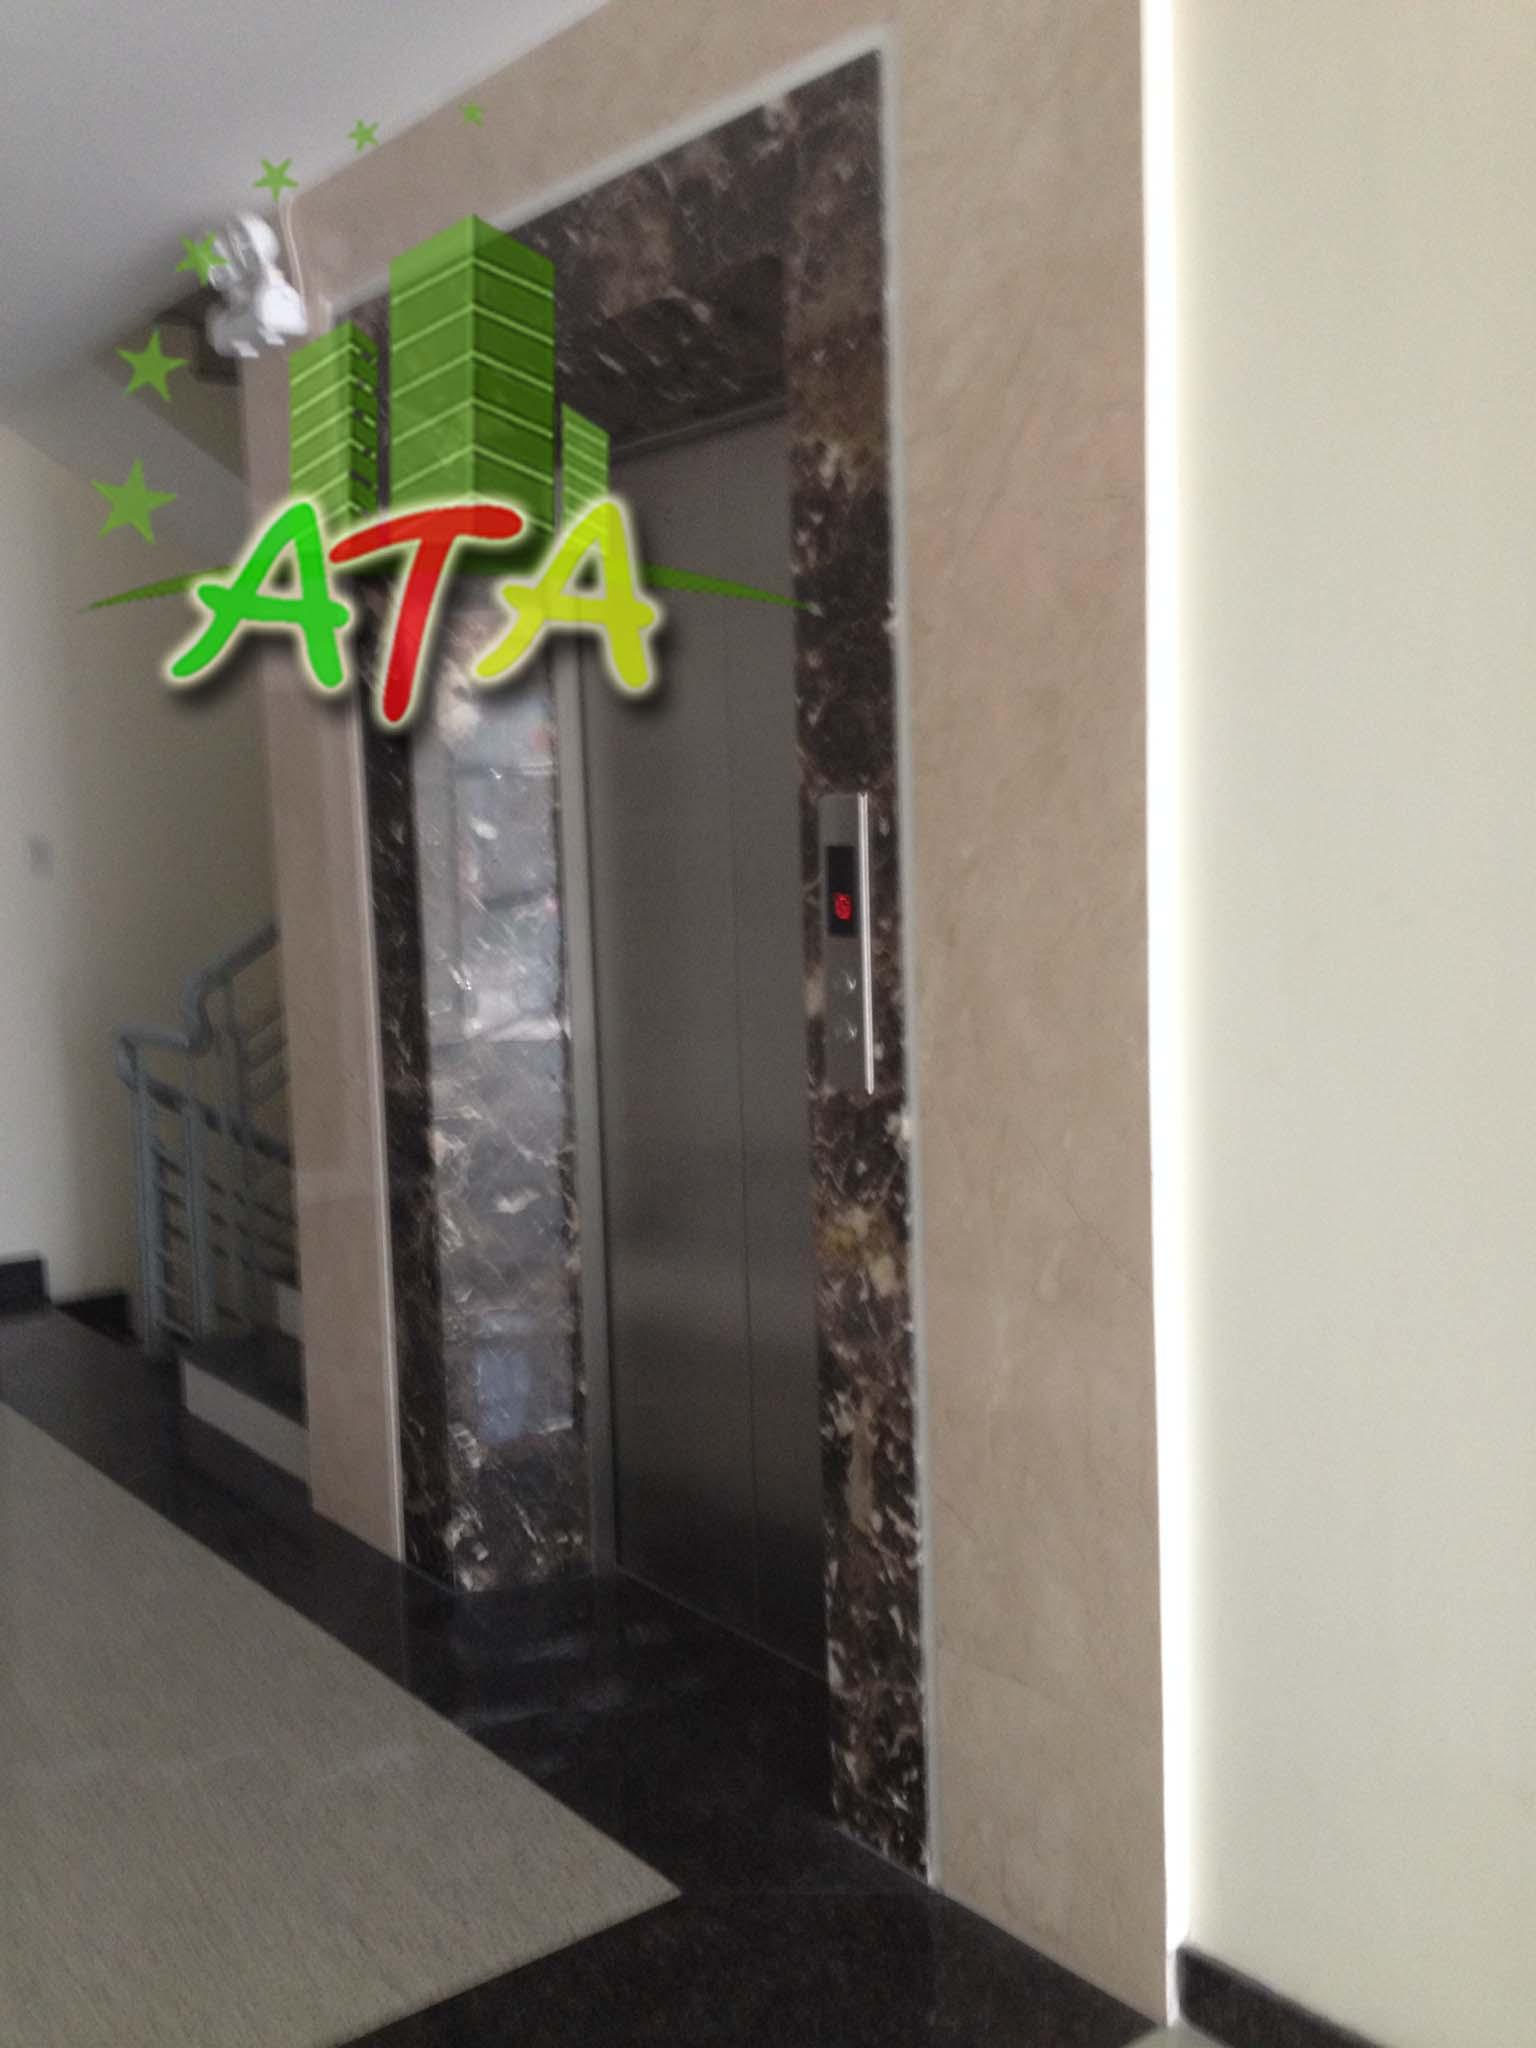 văn phòng cho thuê quận Tân Bình, HH Building đường Hồng Hà quận Tân Bình, ngay sân bay Tân Sơn Nhất, office for lease in Tan Son Nhat airport